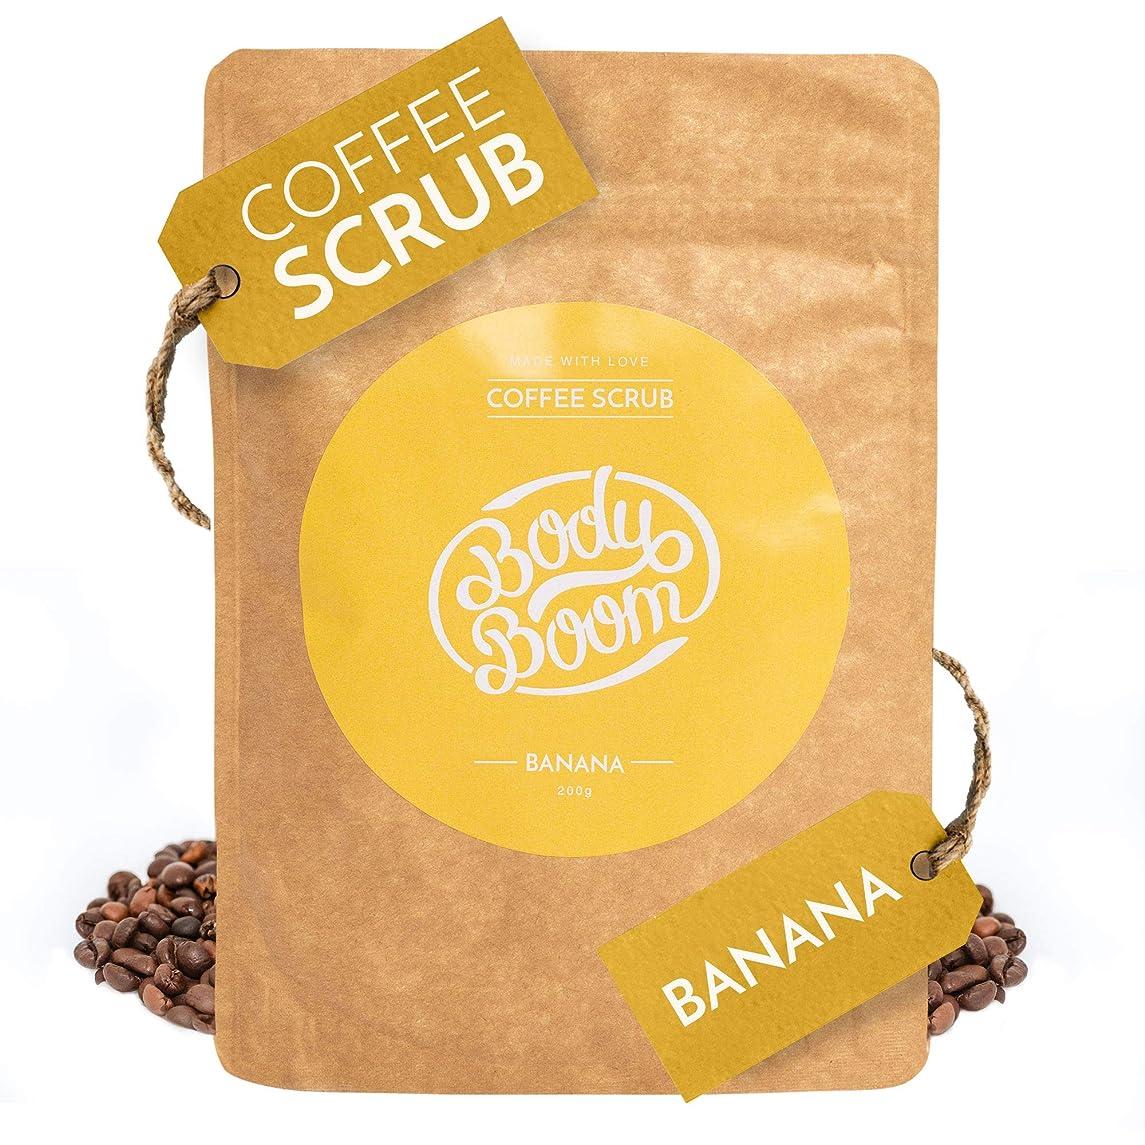 村労働者フォアマンコーヒースクラブ Body Boom ボディブーム バナナ 200g